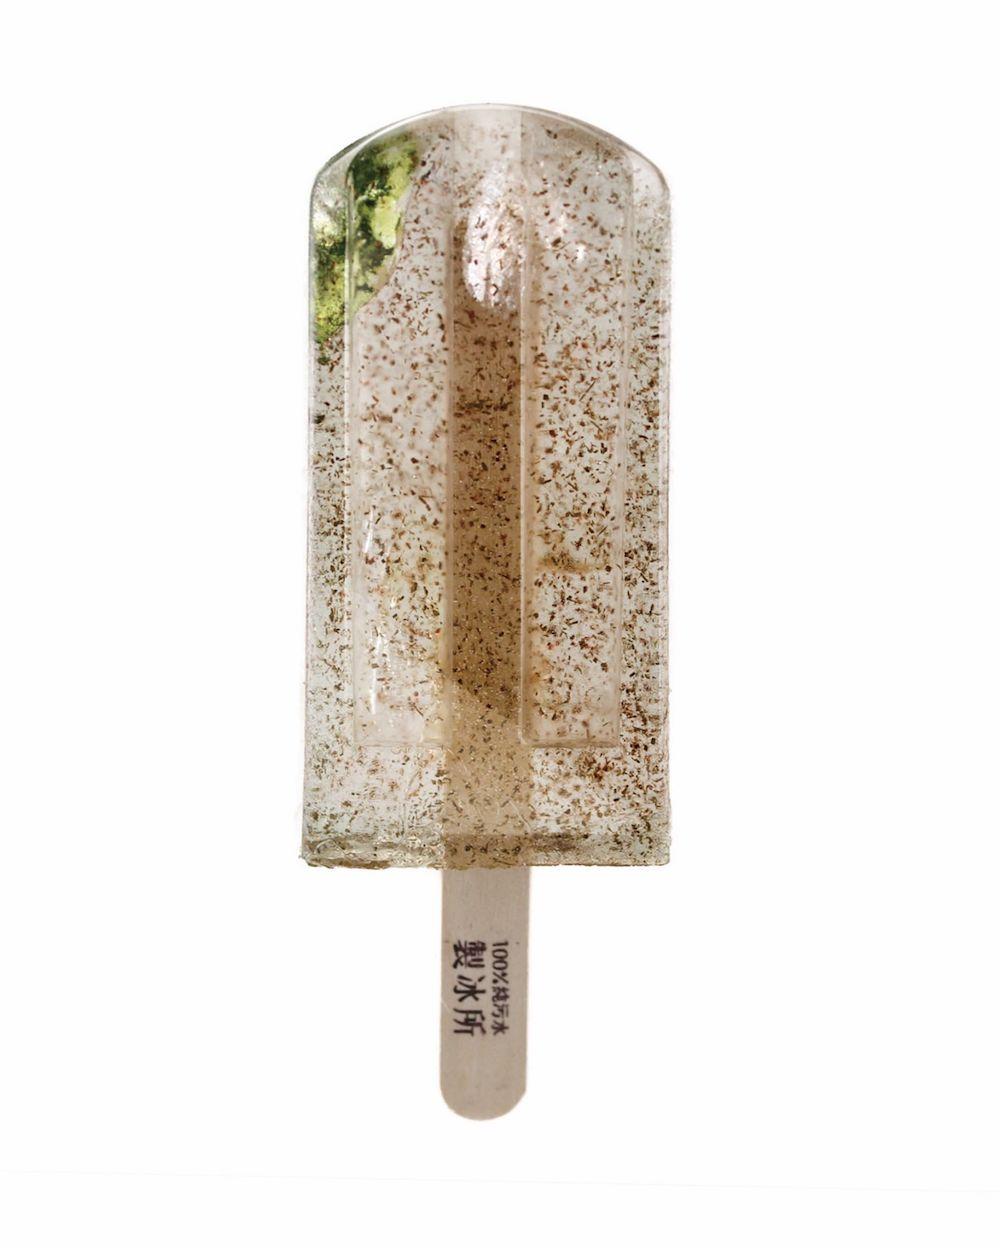 мороженое из загрязнённой воды, экологические проблемы, проект